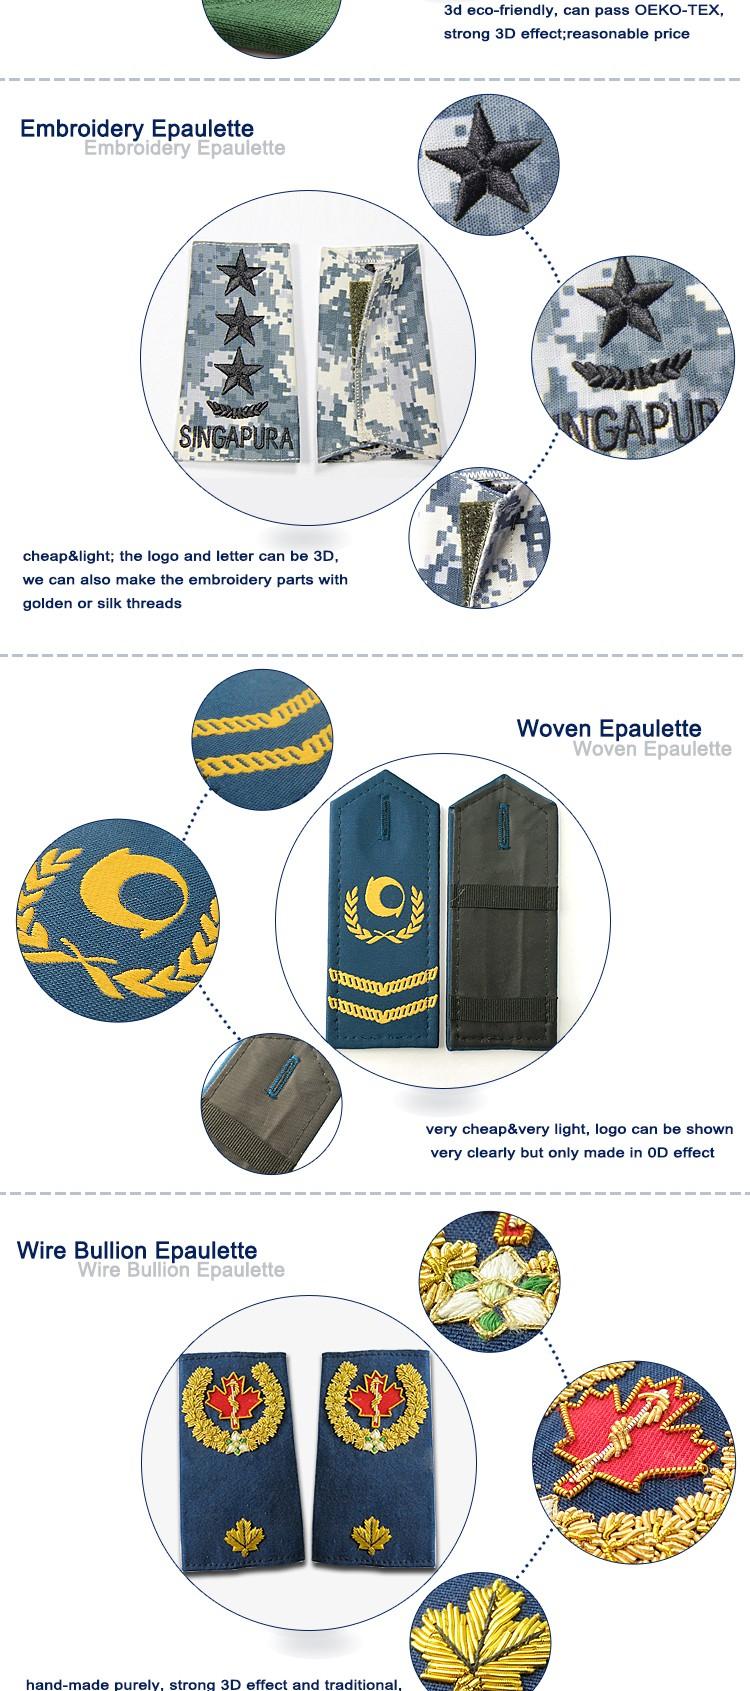 Navy Epaulettes Merchant Navy 3rd Officer Epaulettes - Buy Navy Epaulettes  Merchant Navy 3rd Officer Epaulettes,Military Rank Epaulettes Royal Navy